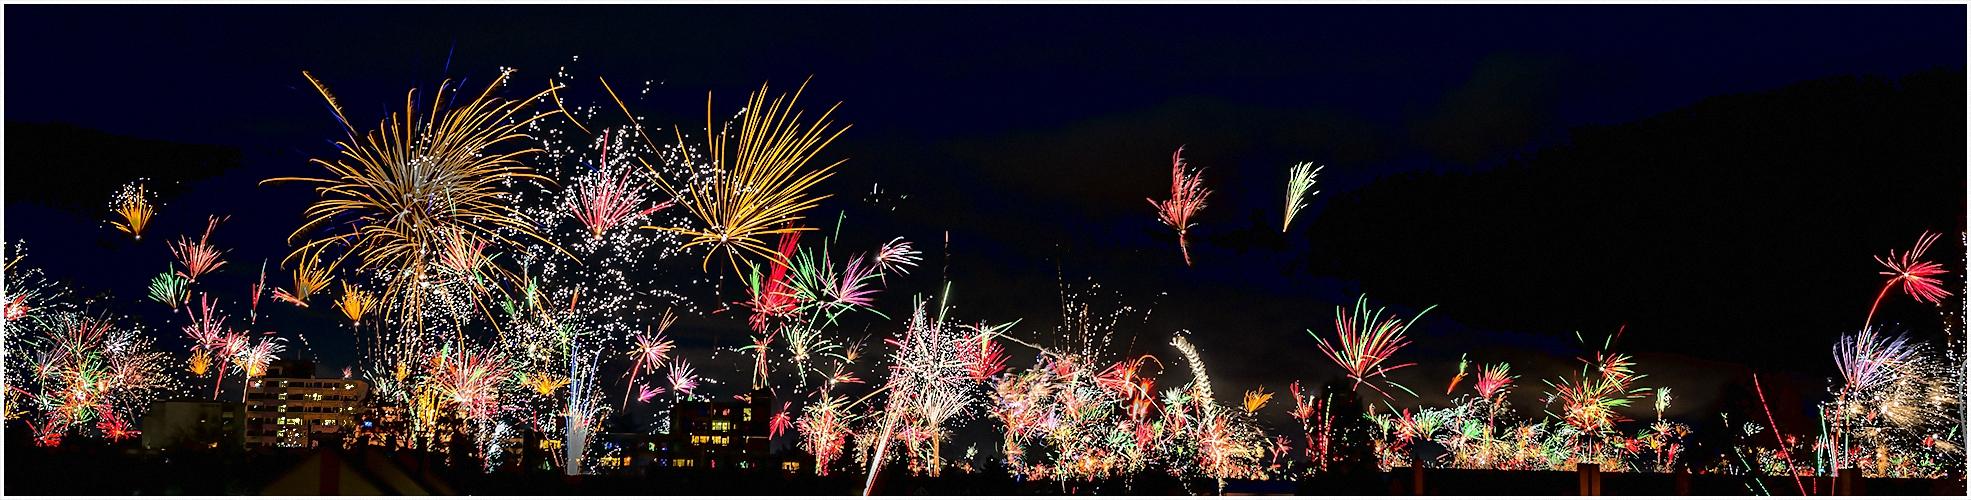 Silvester-Feuerwerks-Panorama